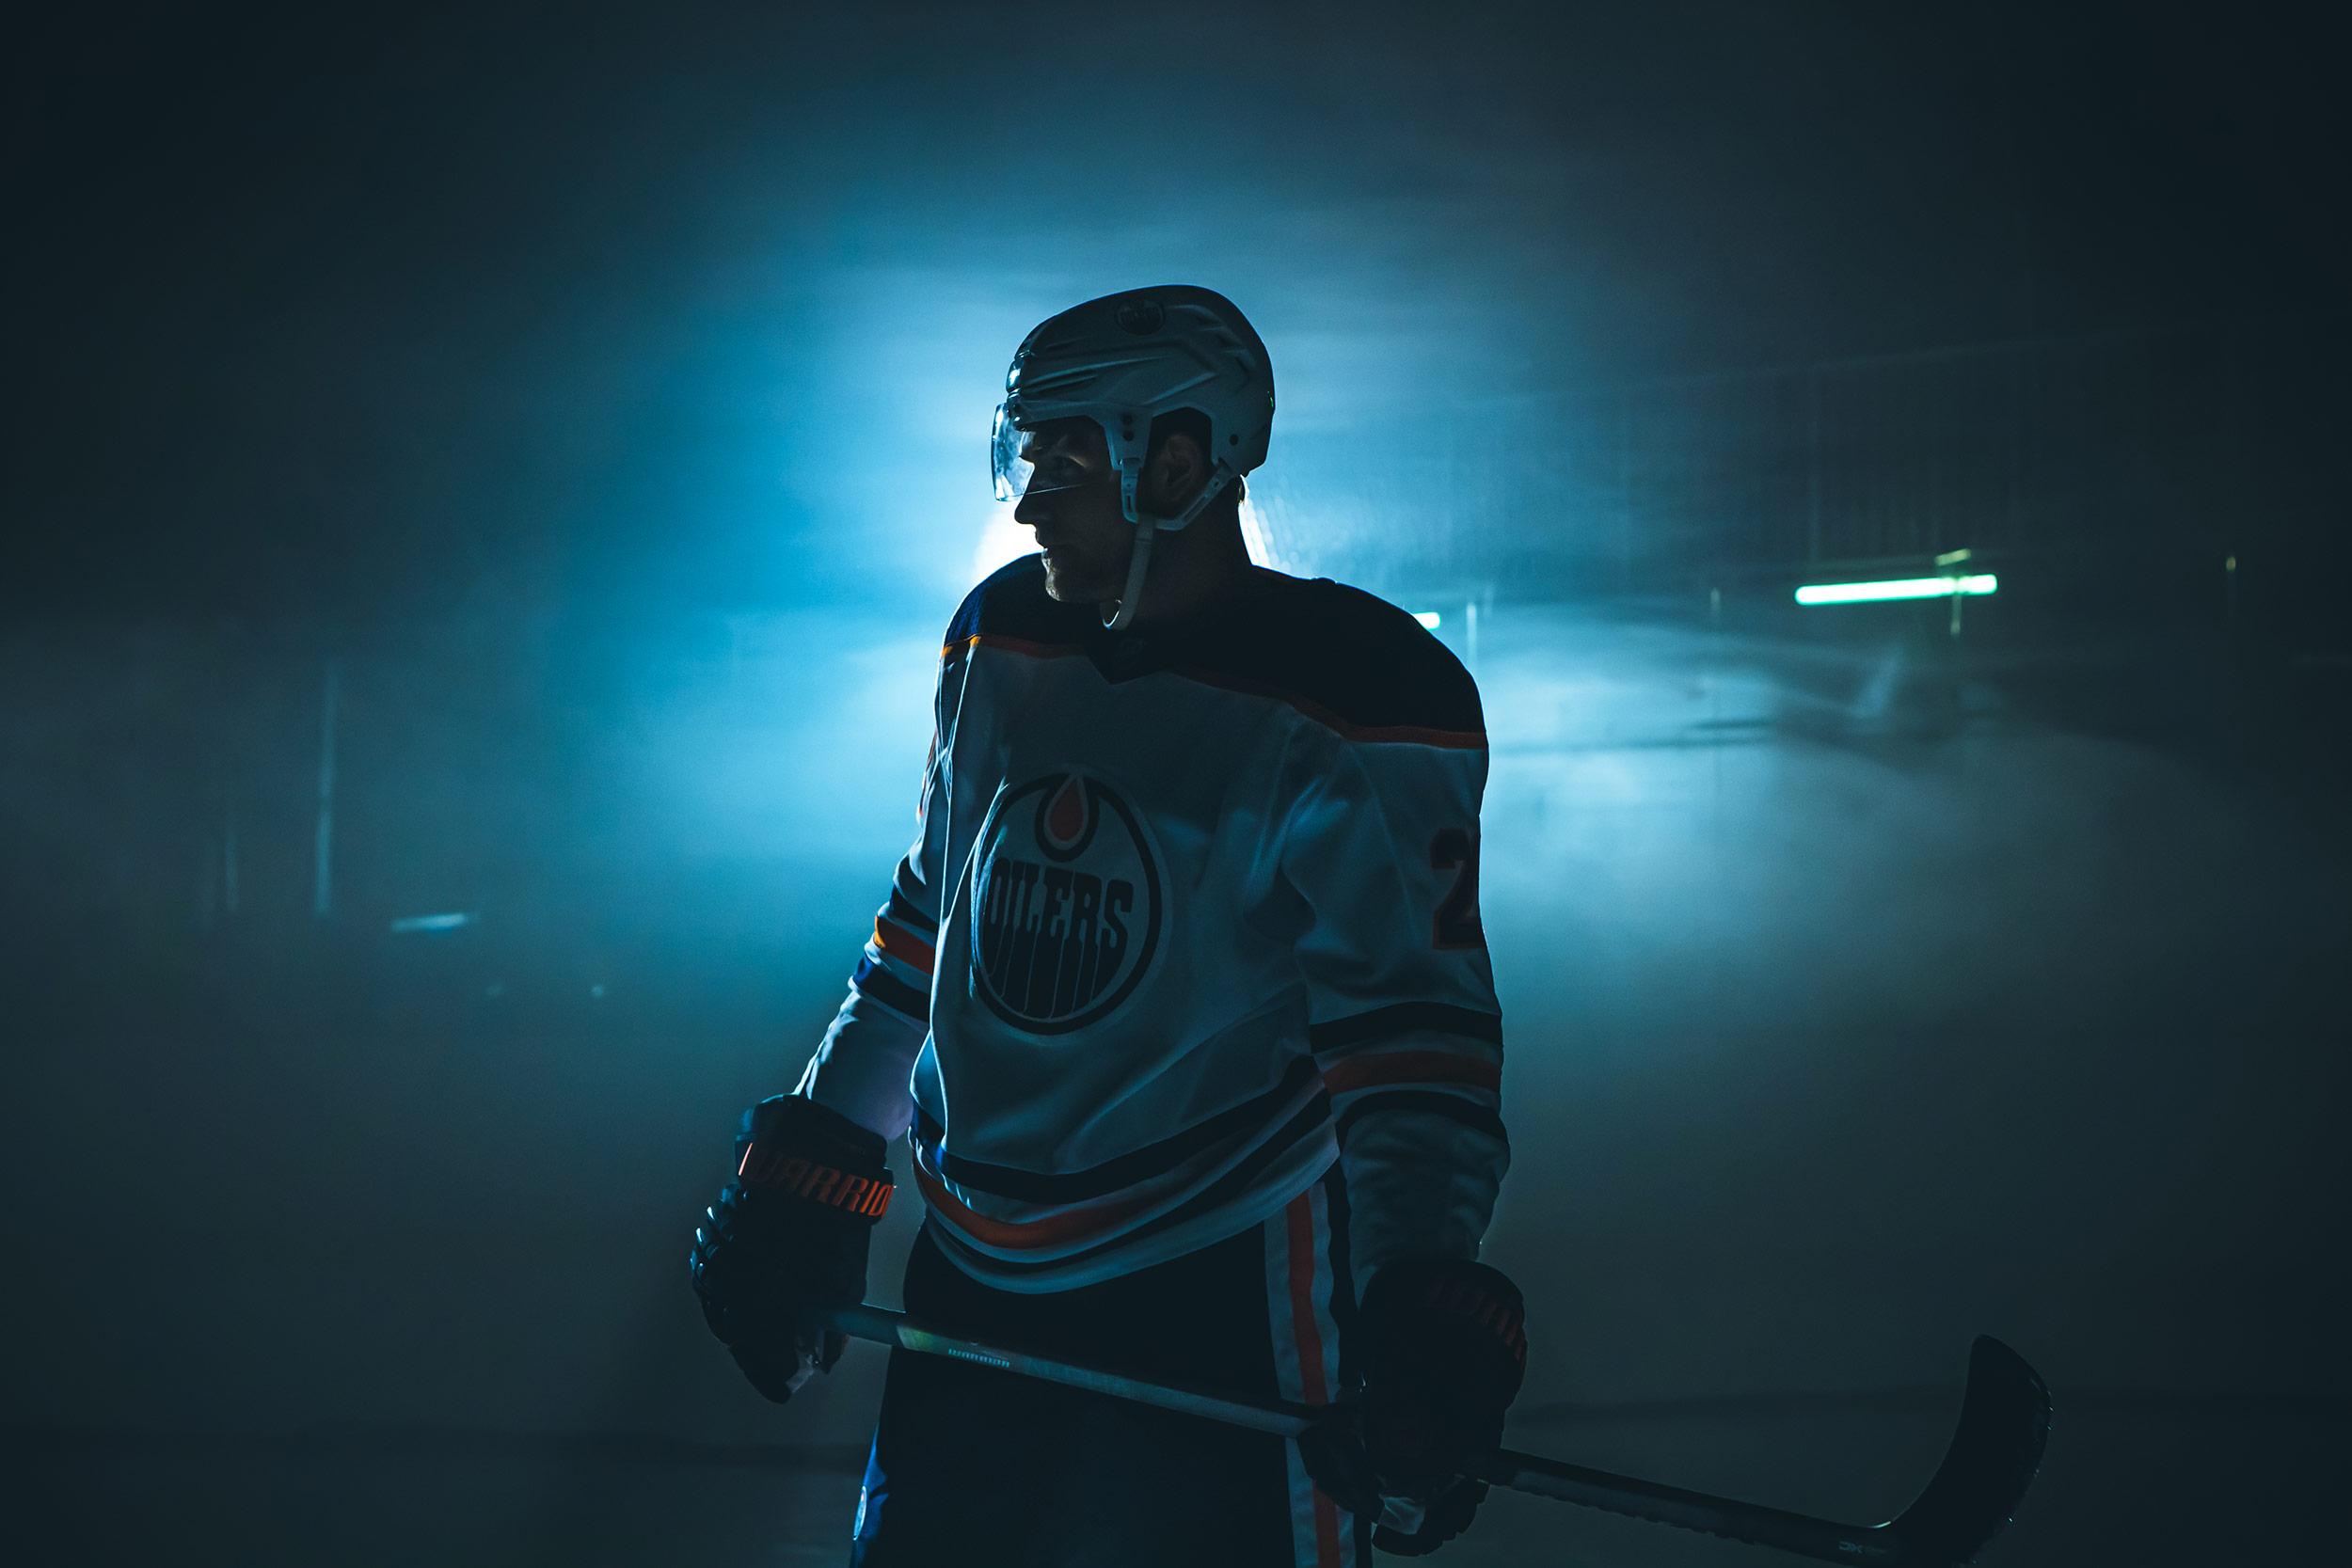 FAIR-FOLK-LEON-DRAISAITL-HOCKEY-NHL-1.jpg